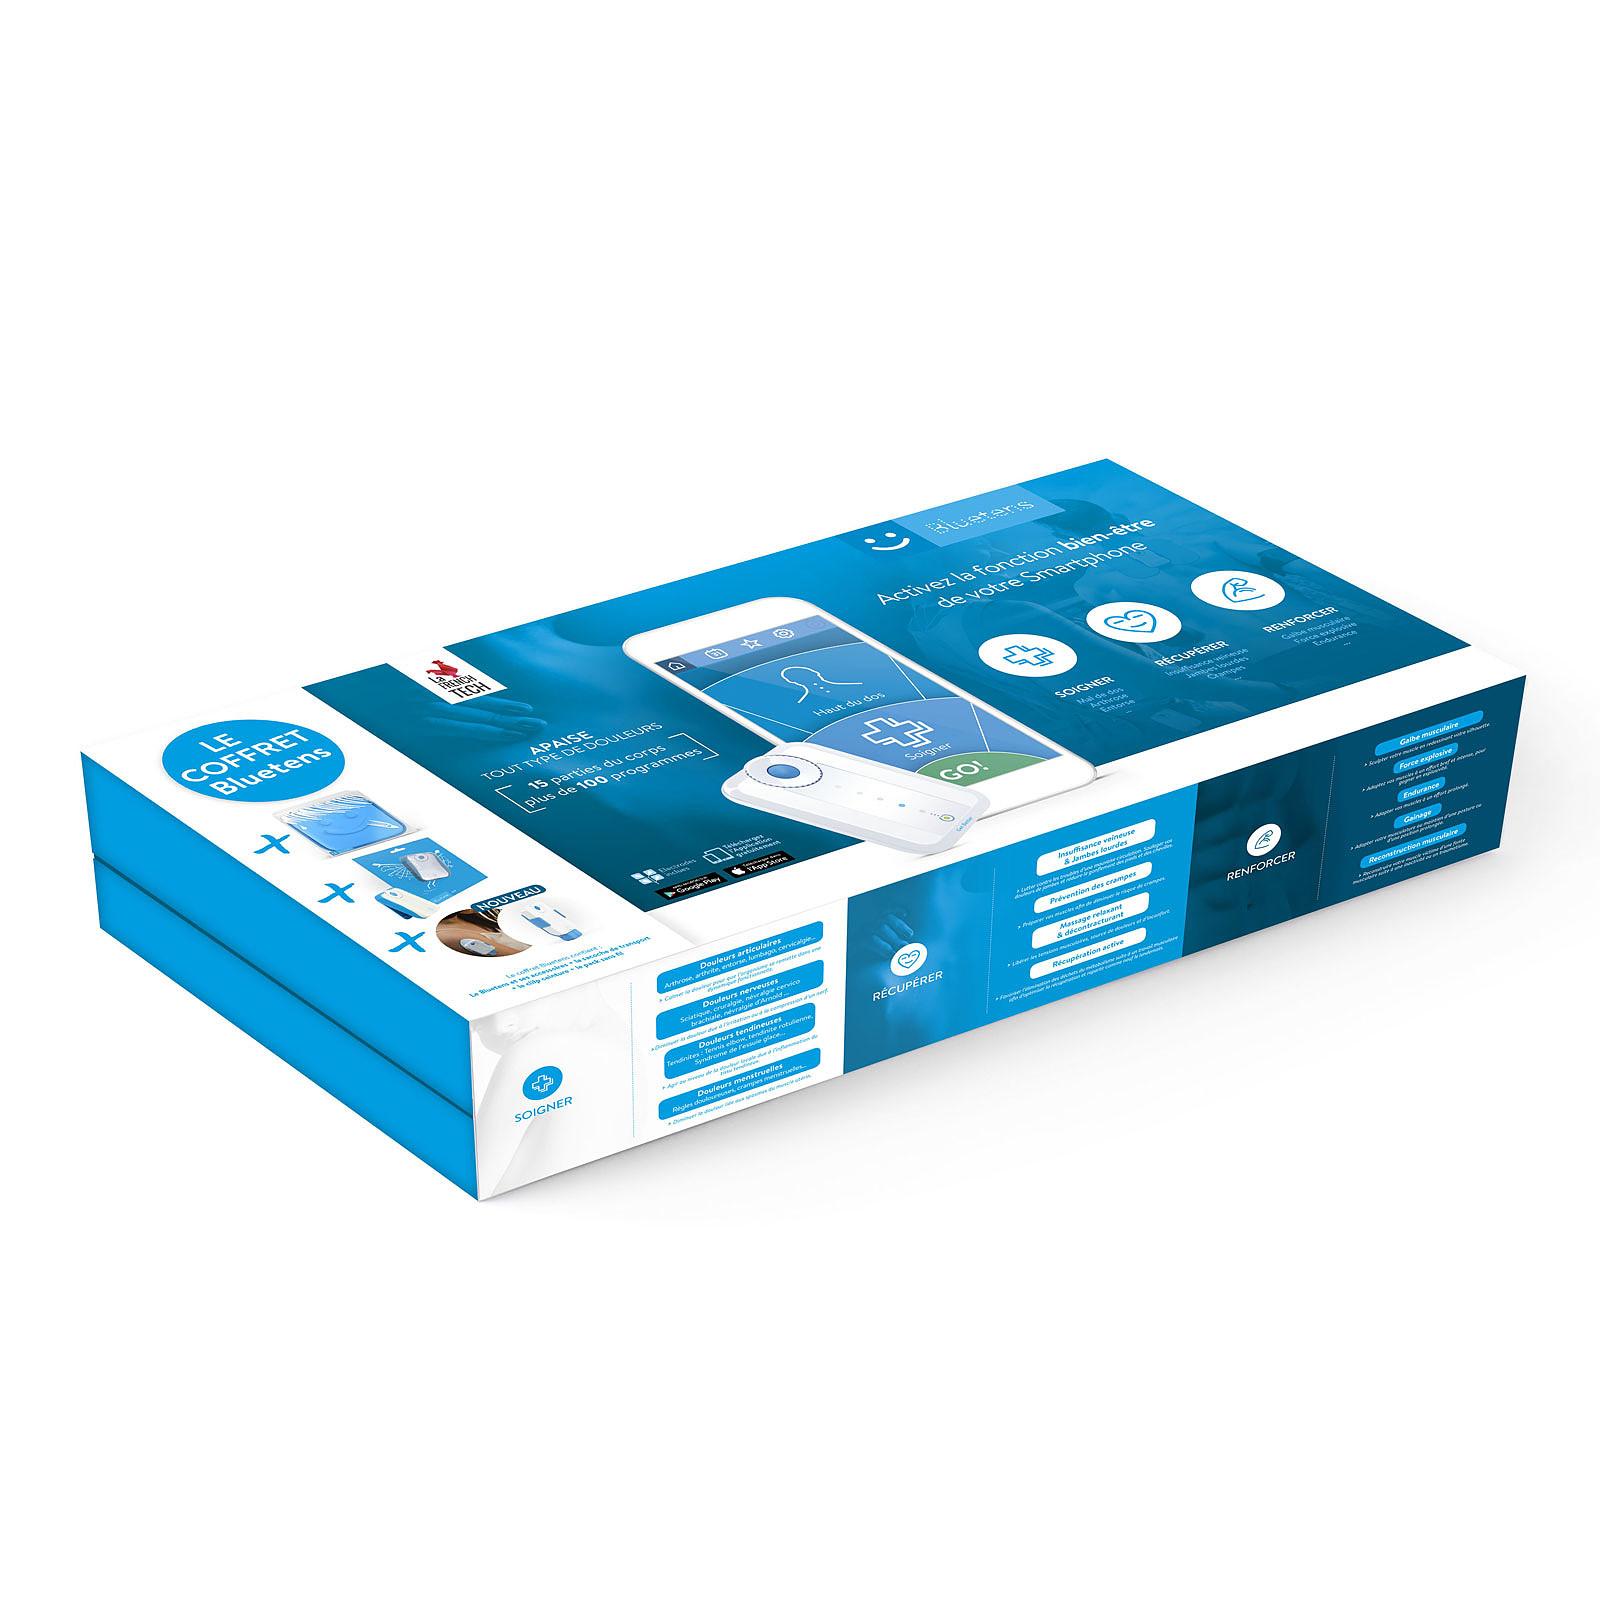 1 Bluetens Avec Ses Accessoires 1 Pack Sans Fil Bluetens Electrostimulation